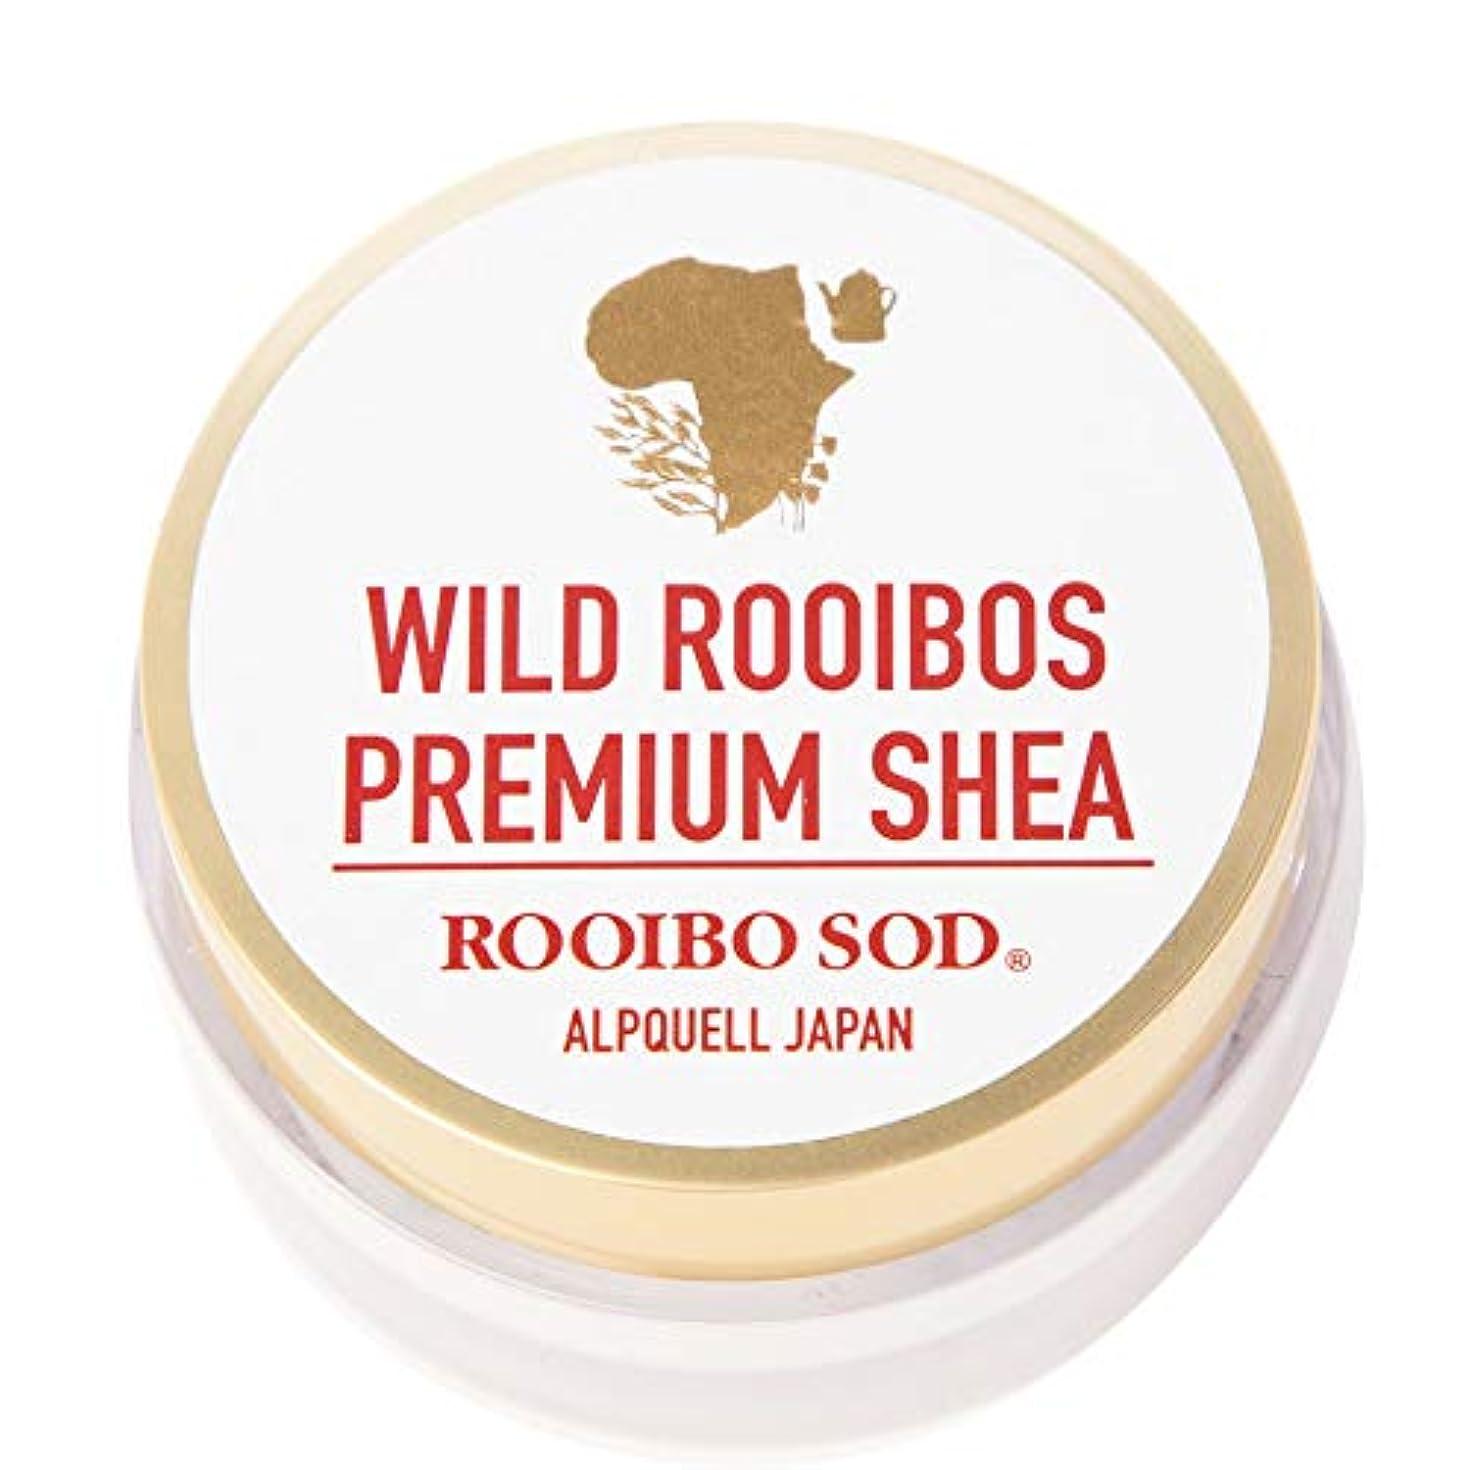 禁止ホイスト混乱したROOIBO SOD ルイボソード プレミアムシアクリーム シア脂 ルイボスエキス配合 無添加、天然成分100%